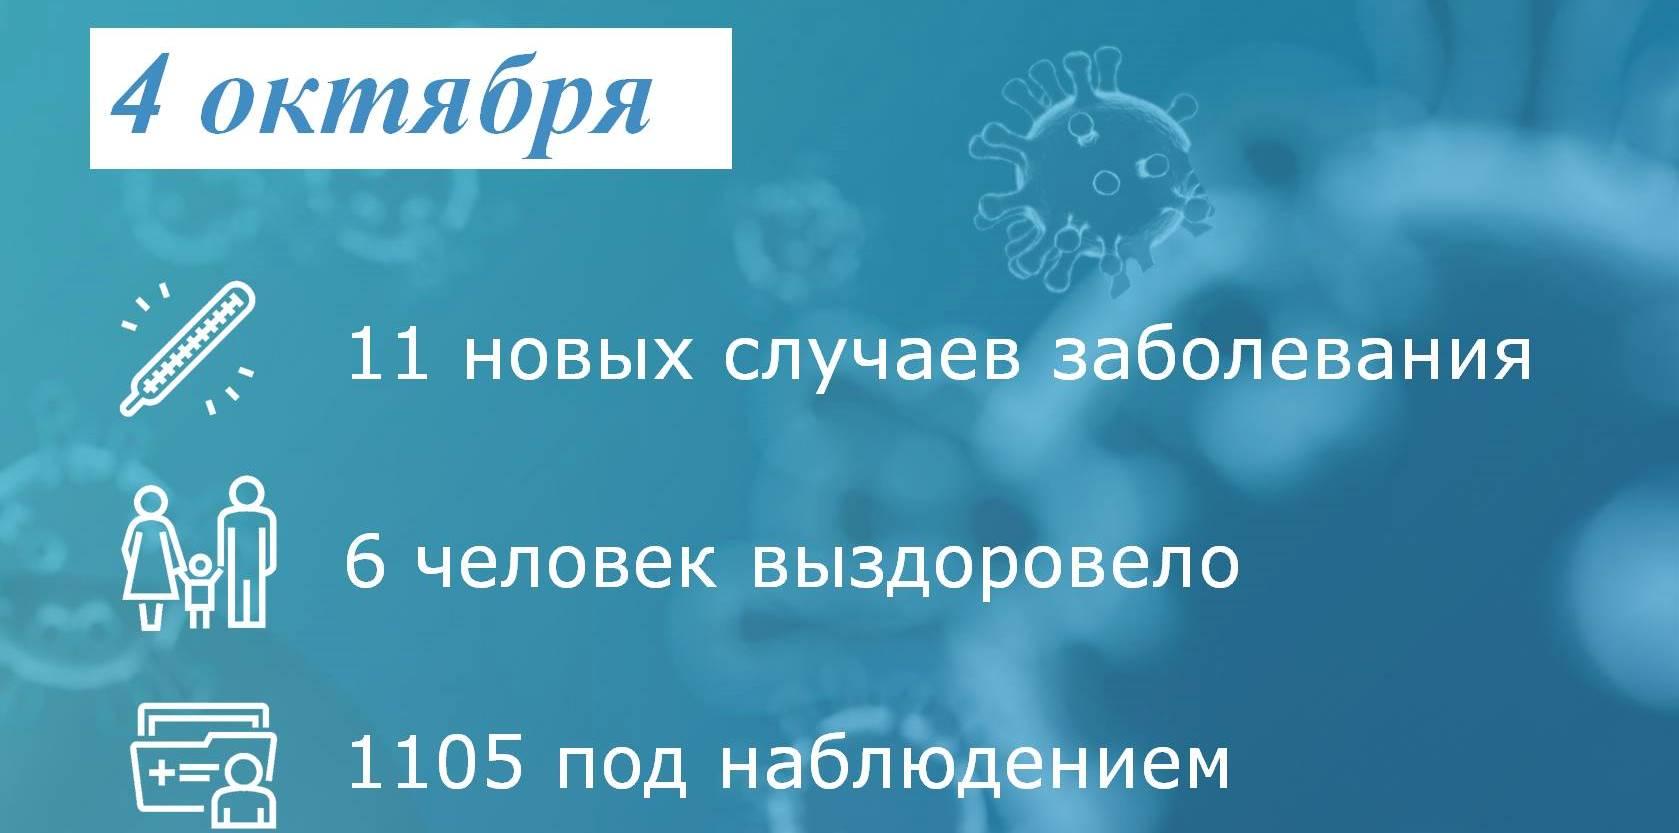 Коронавирус: в Таганроге заболели еще 11 человек